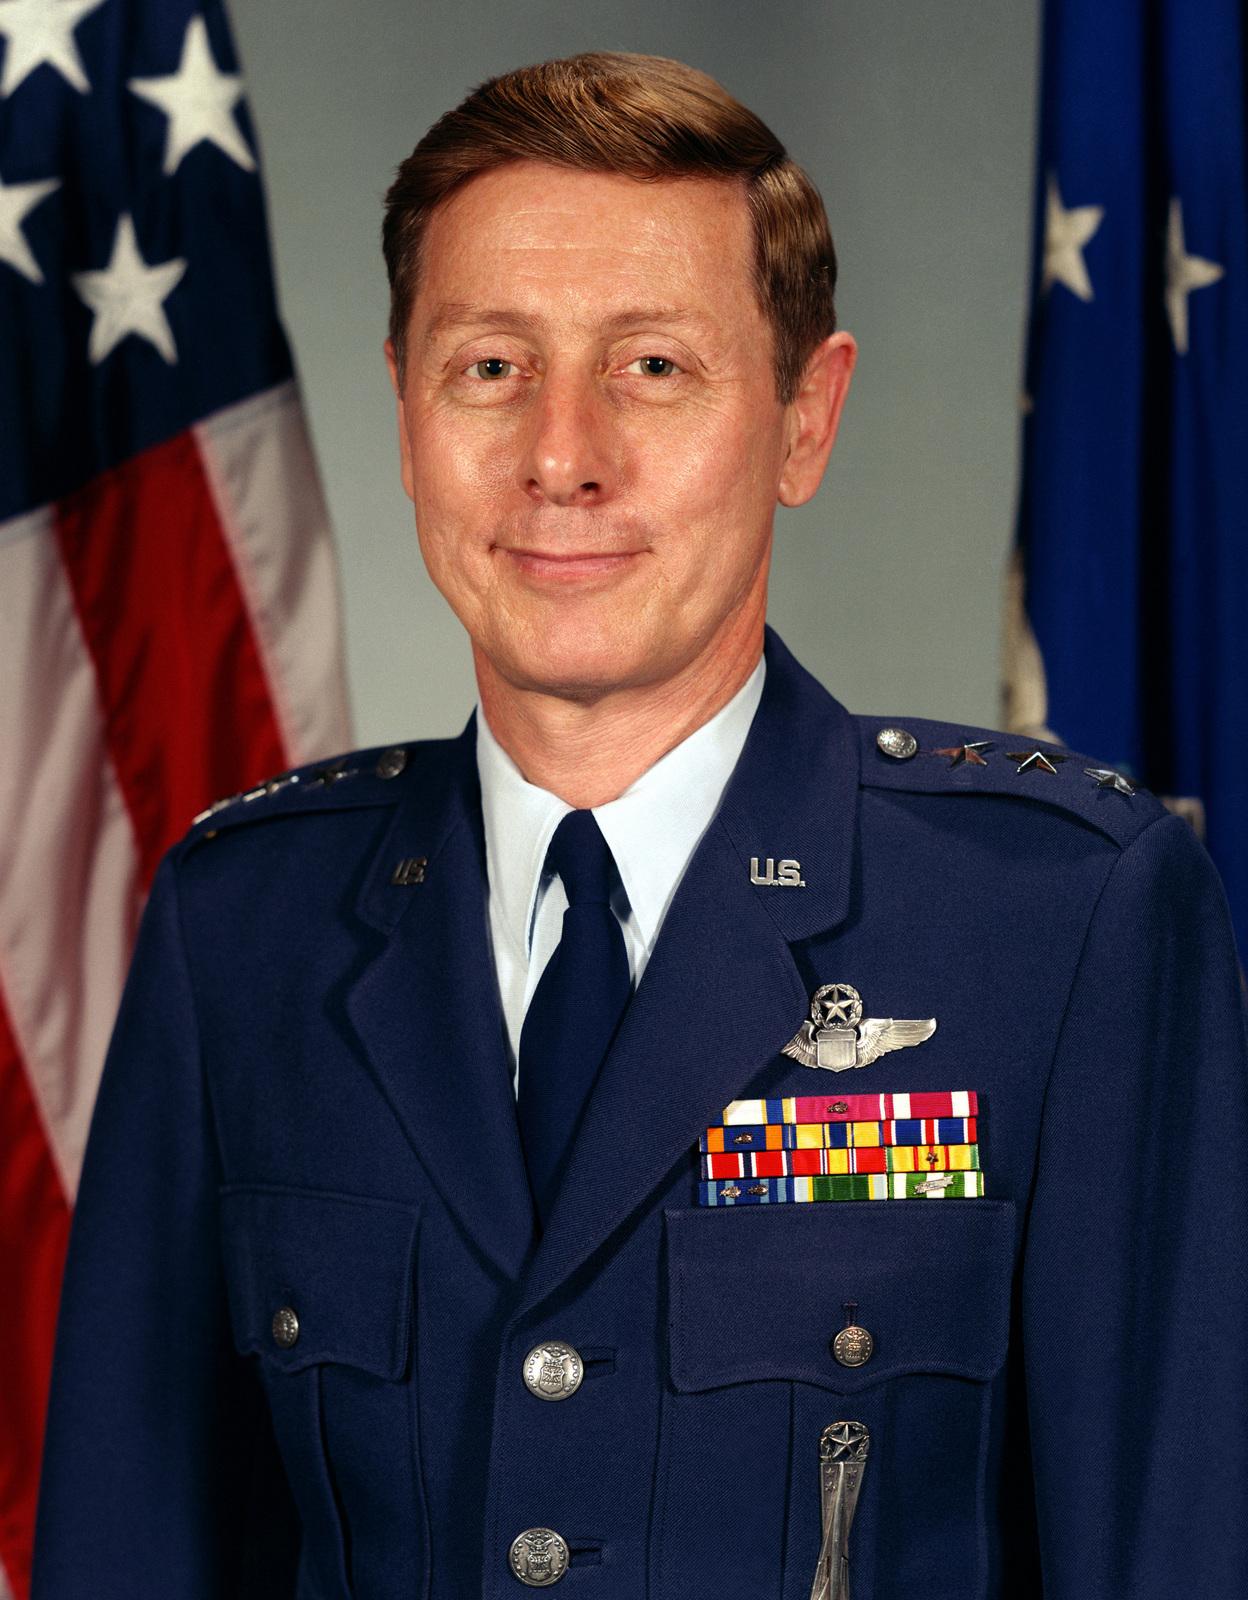 Lieutenant General James A. Abrahamson Jr., USAF (uncovered)